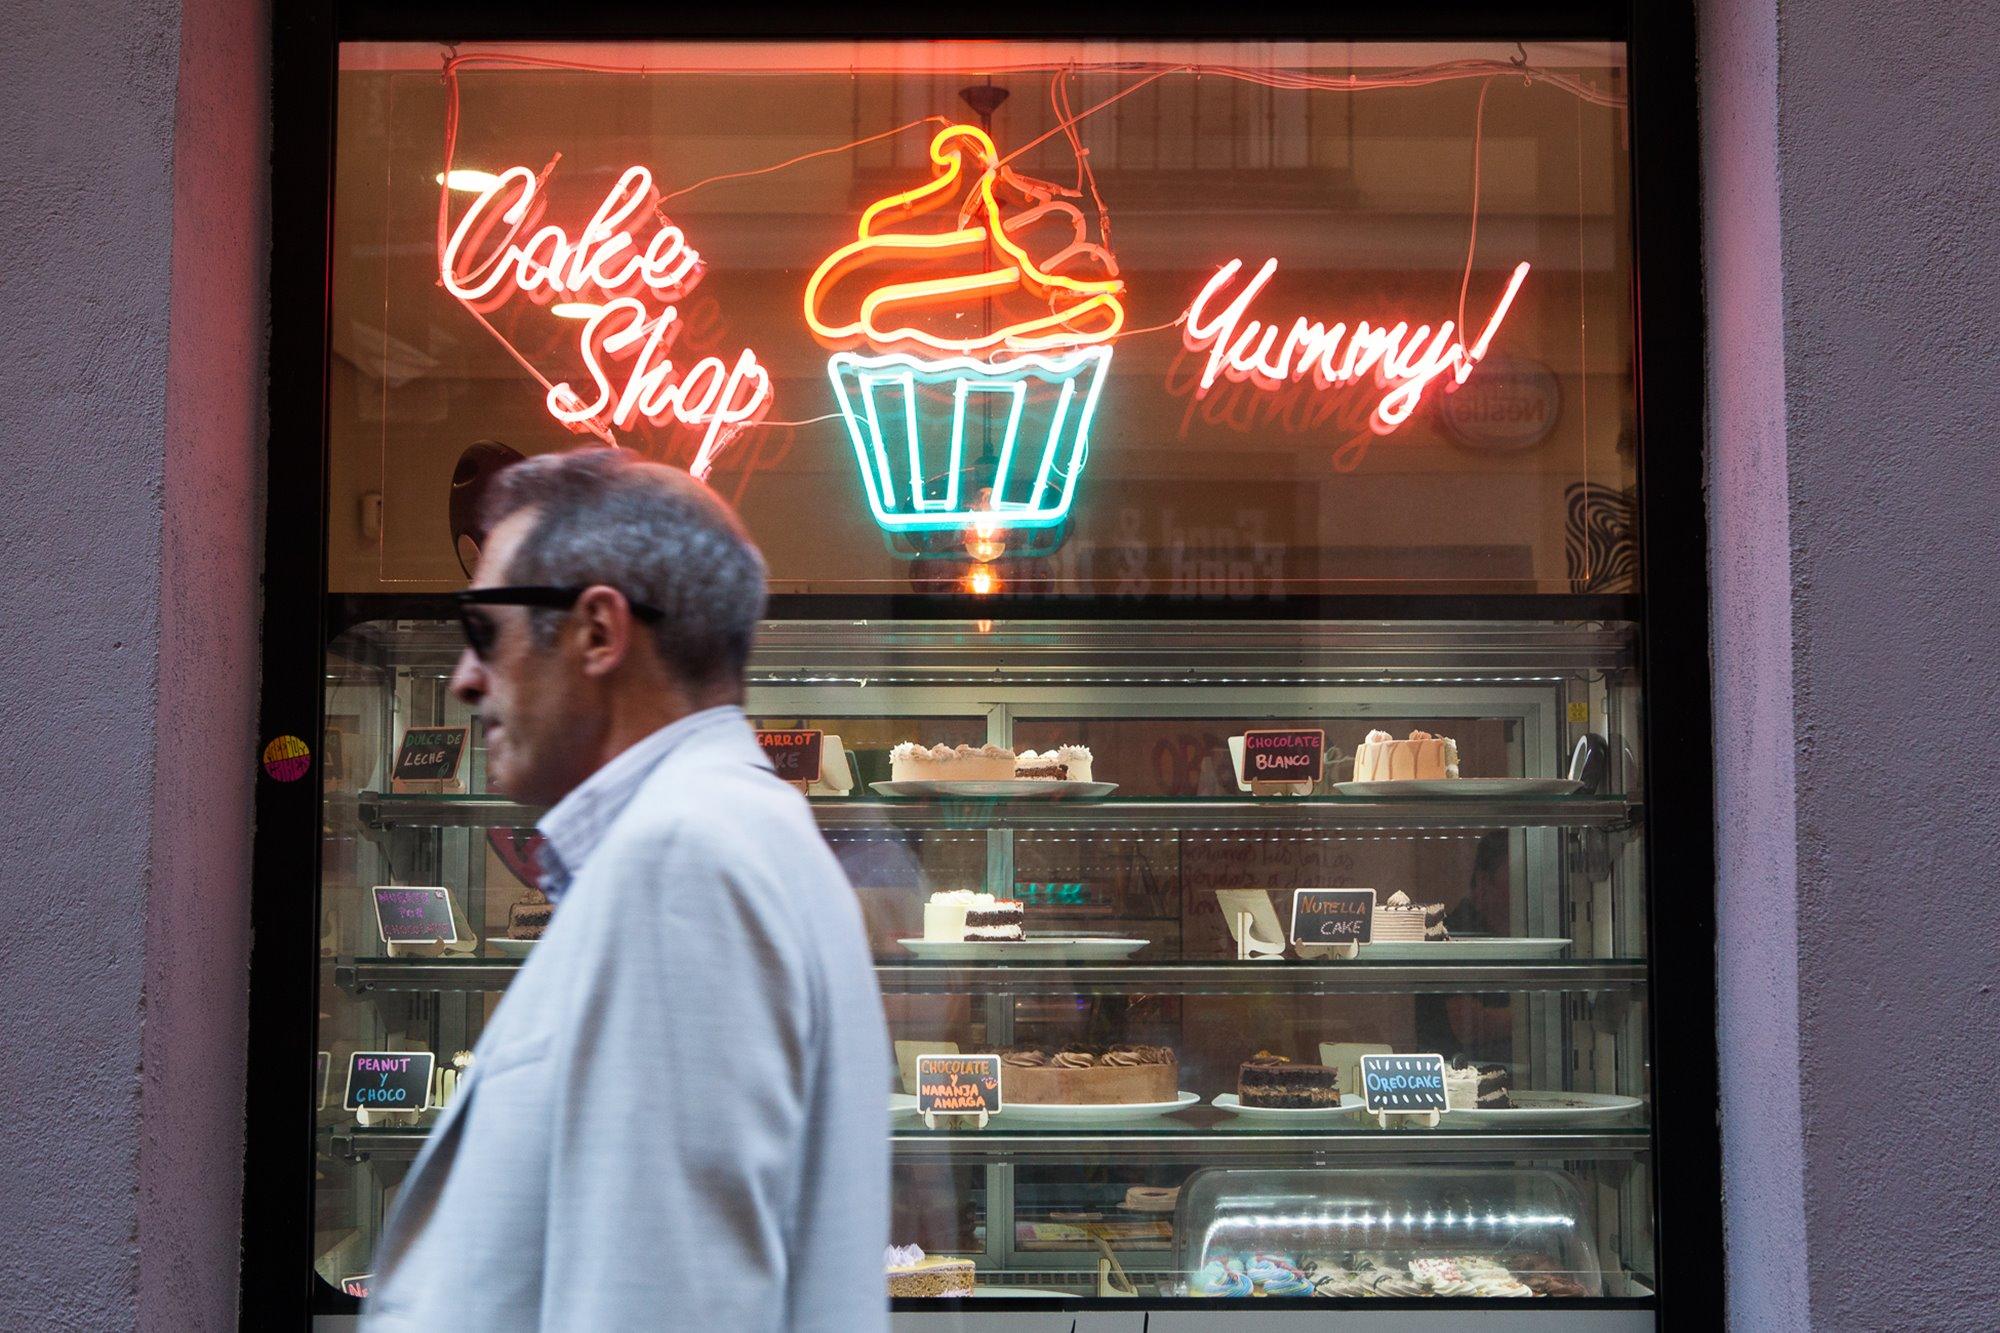 'Freedom Cakes' es un sitio especializado en postres americanos sin rastro de producto animal.